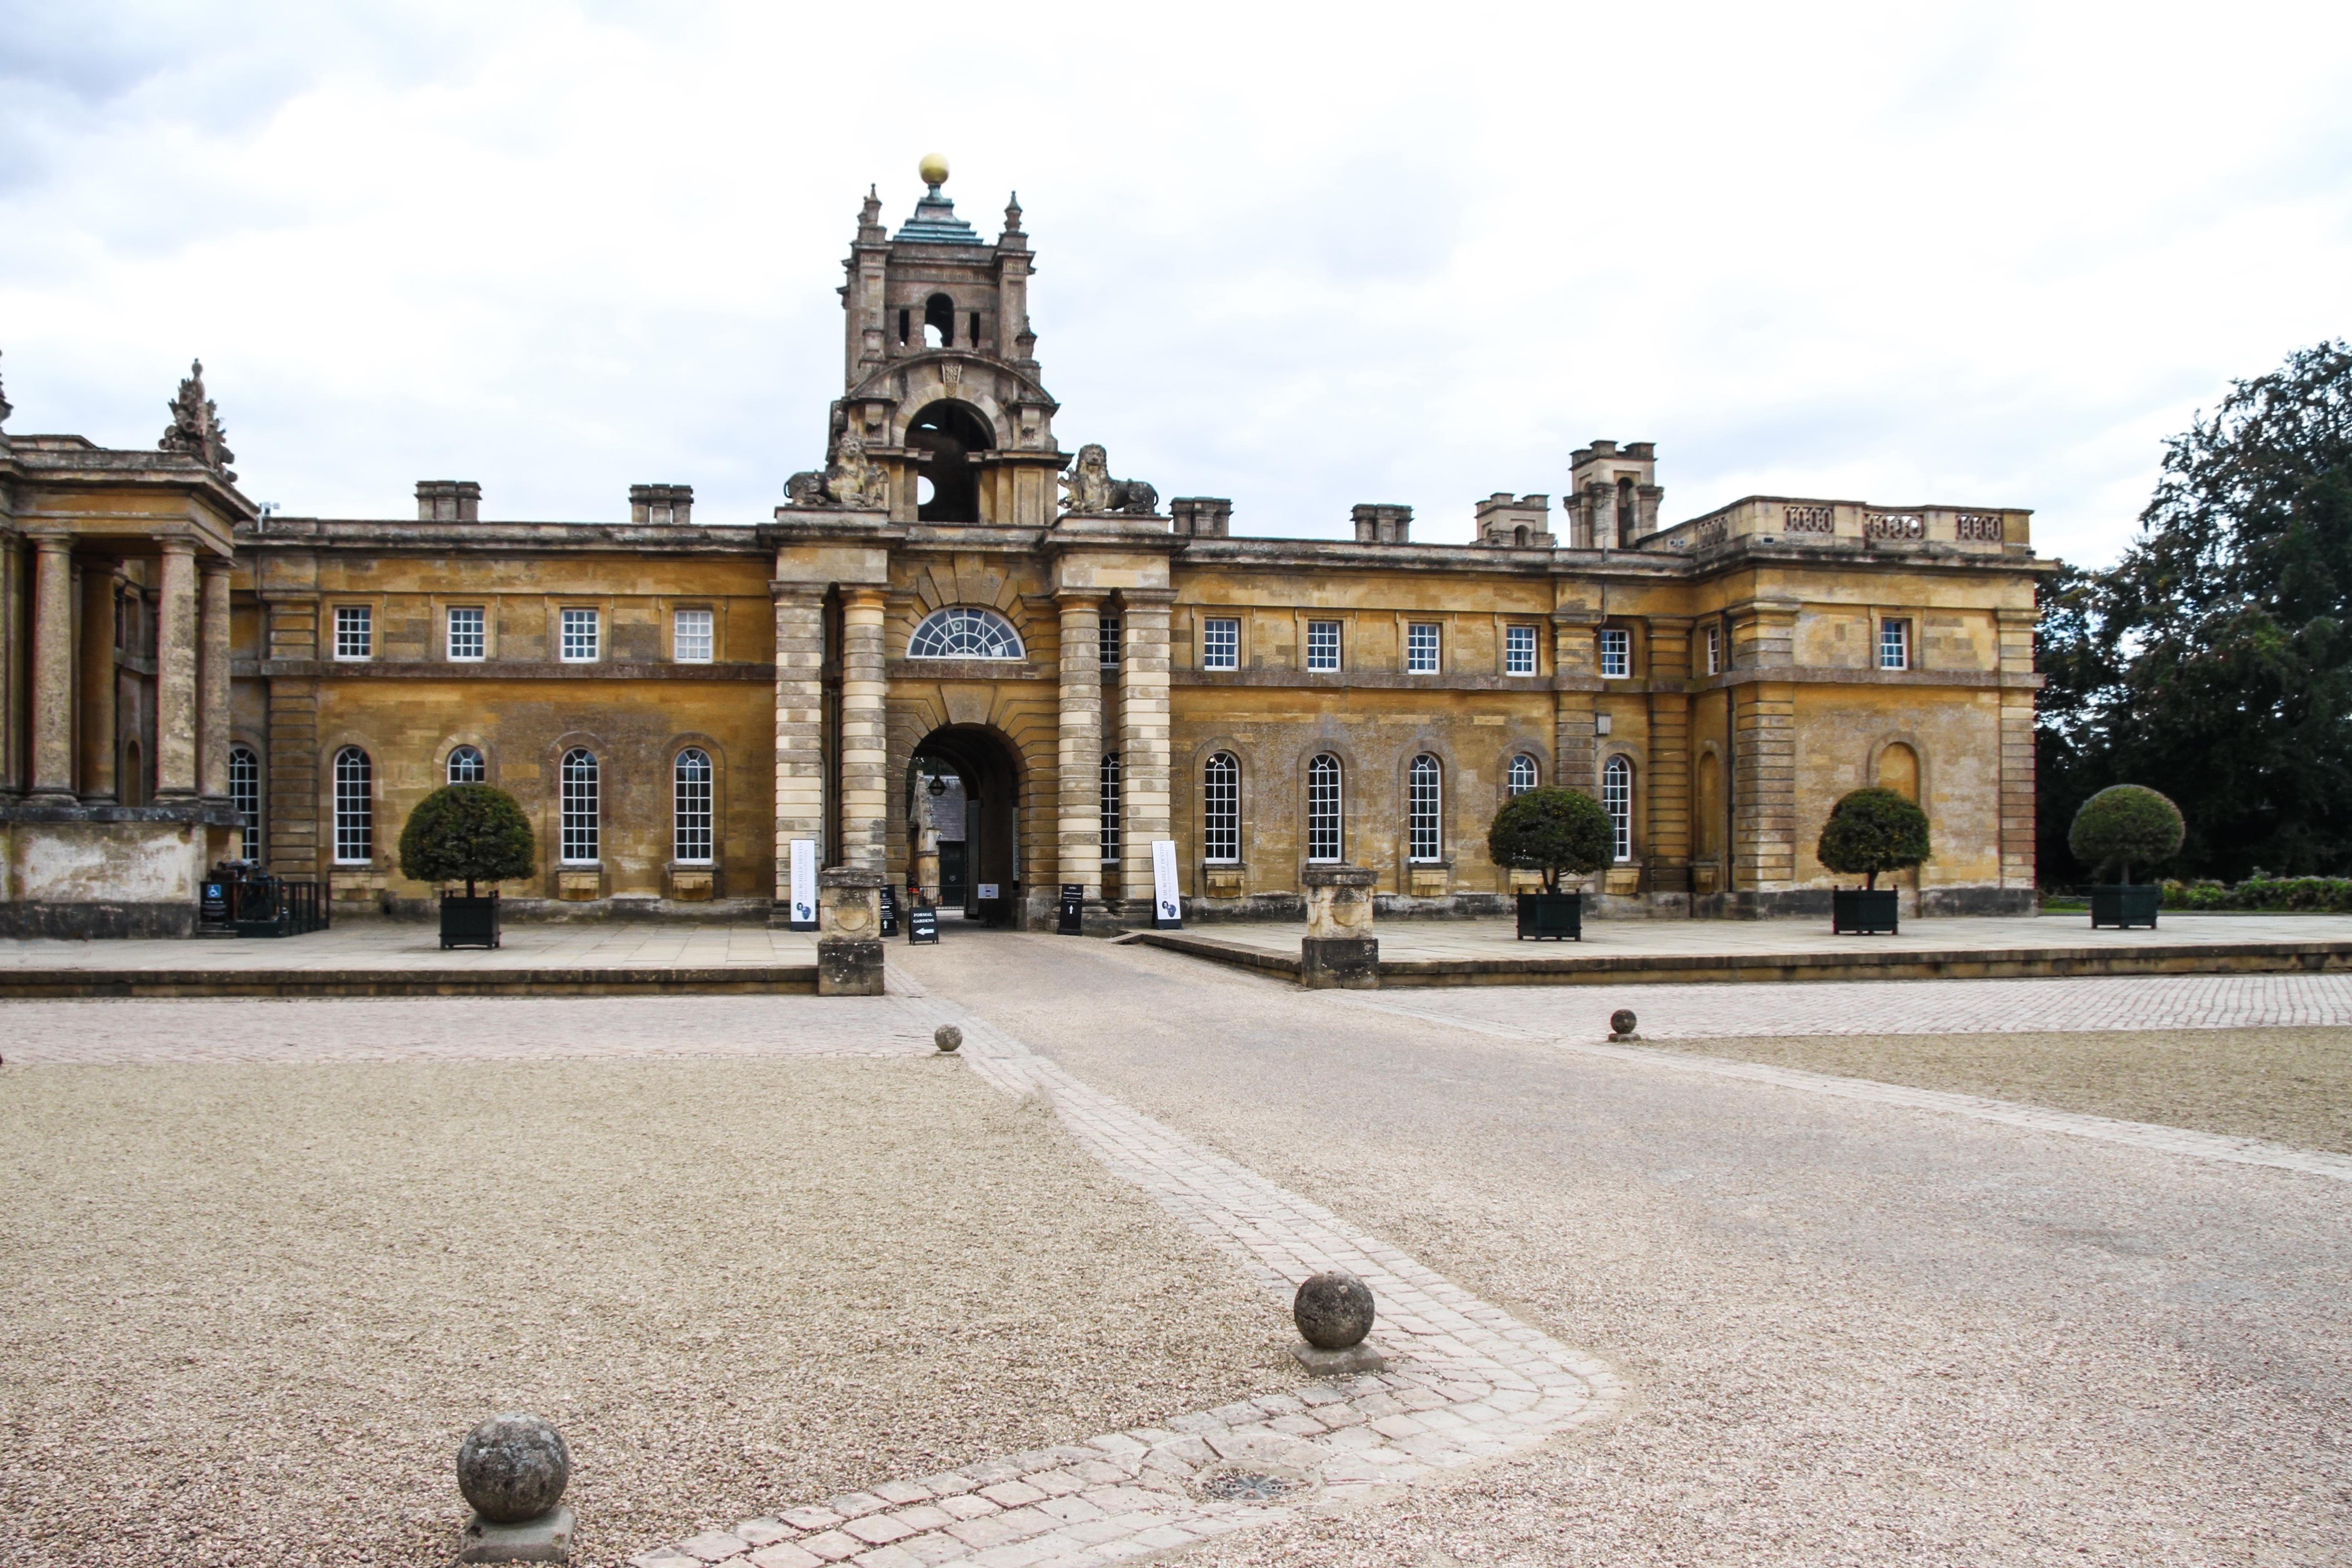 castillo punto de referencia herencia mundial inglaterra plaza de la ciudad inmuebles oxfordshire casa seorial woodstock palacio de blenheim